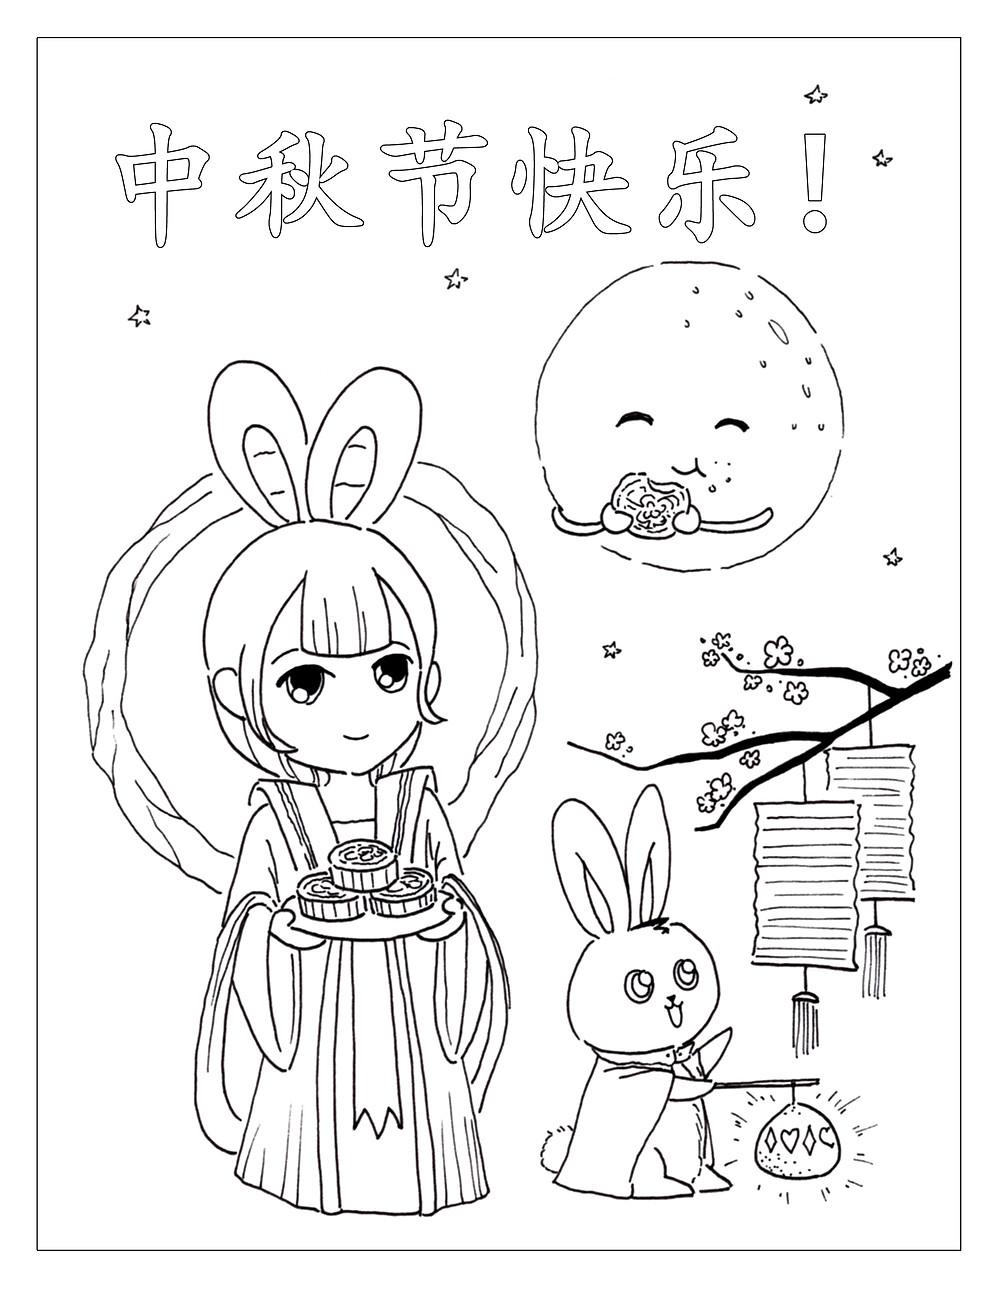 你能认出在图片中与中秋节有关的事物吗?by Jetty Koh